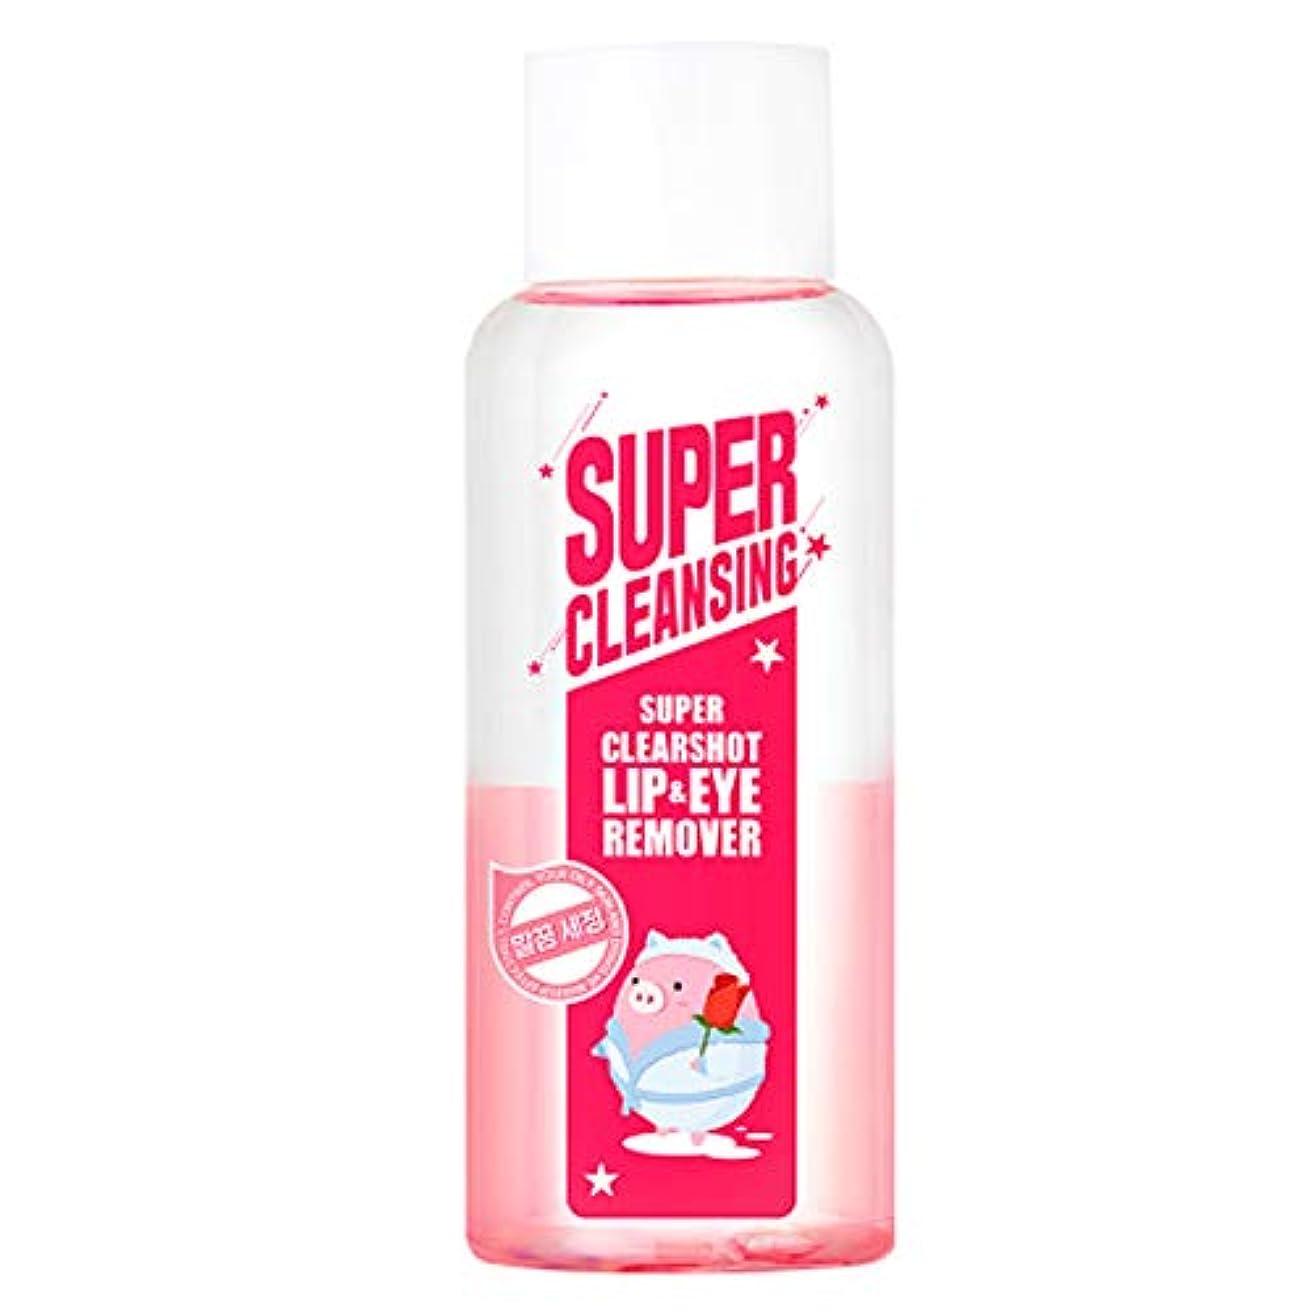 ペア調和余剰Mefactory Super Clearshot Lip&Eye Remover ミファクトリ? スーパークリアーリップ&アイリムーバー [並行輸入品]